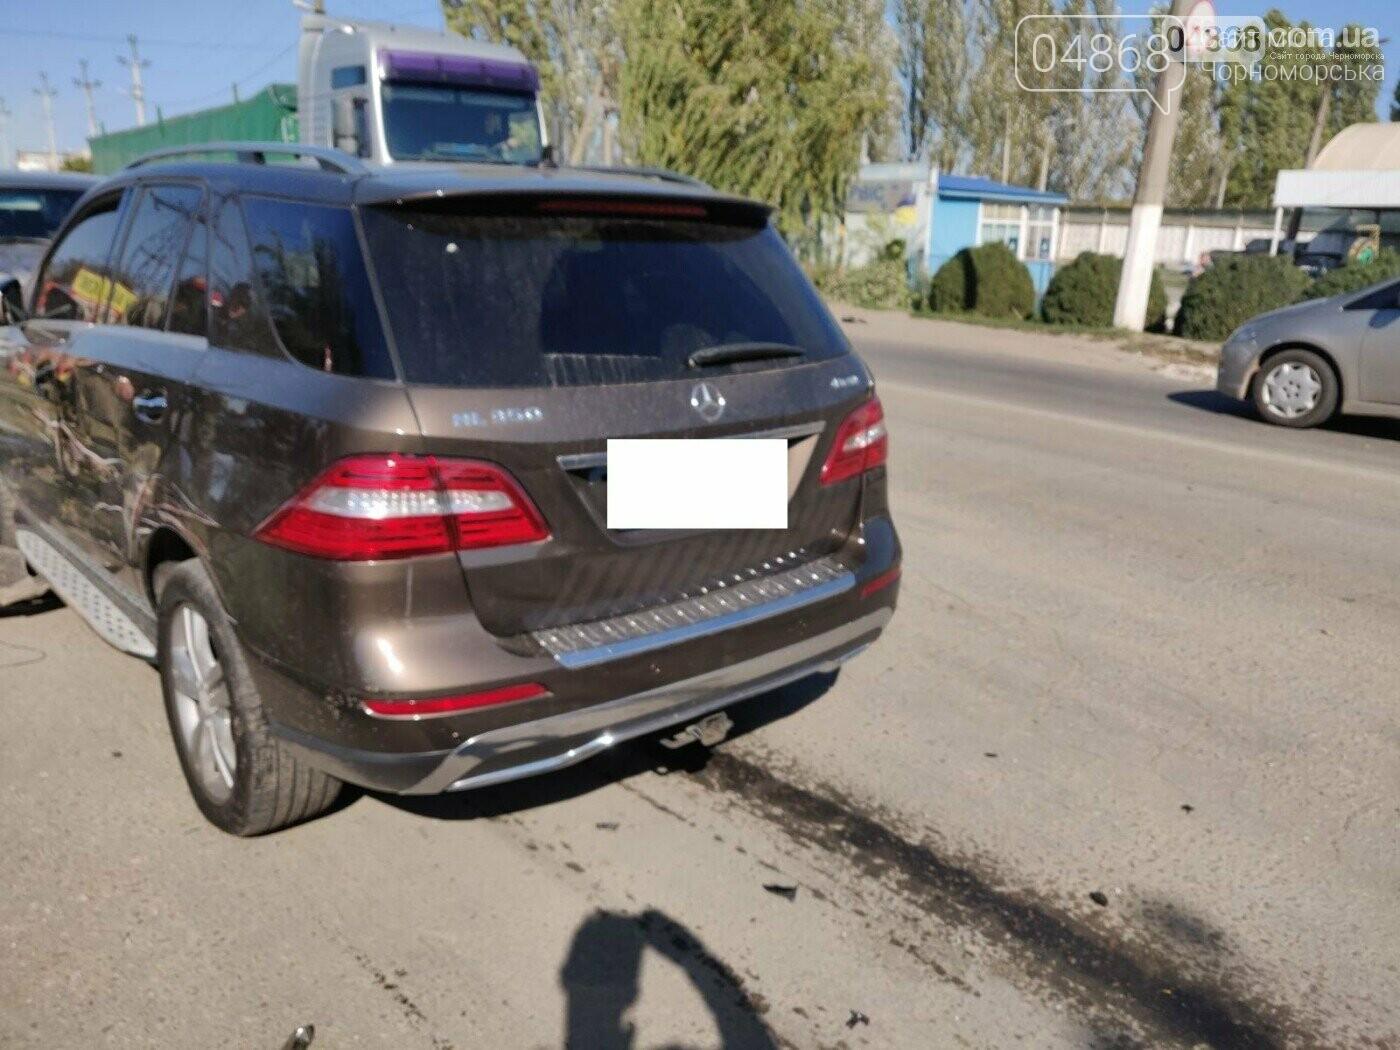 Несовершеннолетнего водителя осудят за смертельное ДТП под Черноморском, фото-2